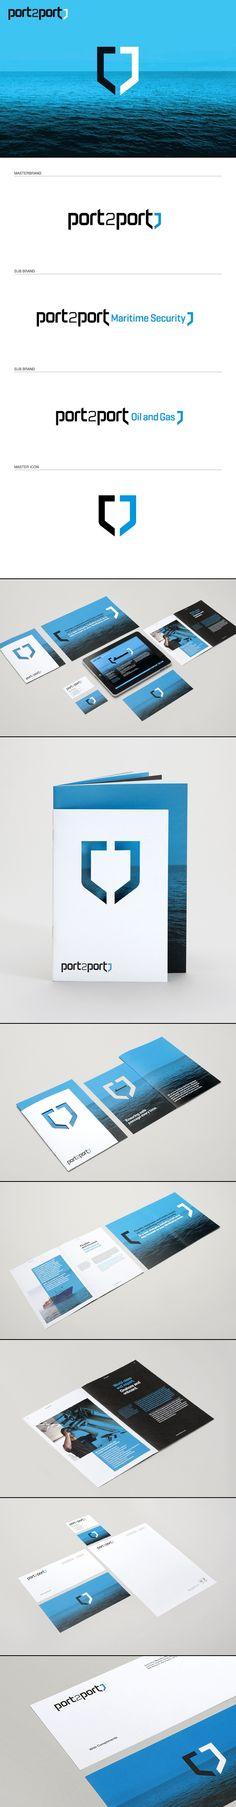 Port2Port Identity | #stationary #corporate #design #corporatedesign #identity #branding #marketing < repinned by www.BlickeDeeler.de | Take a look at www.LogoGestaltung-Hamburg.de